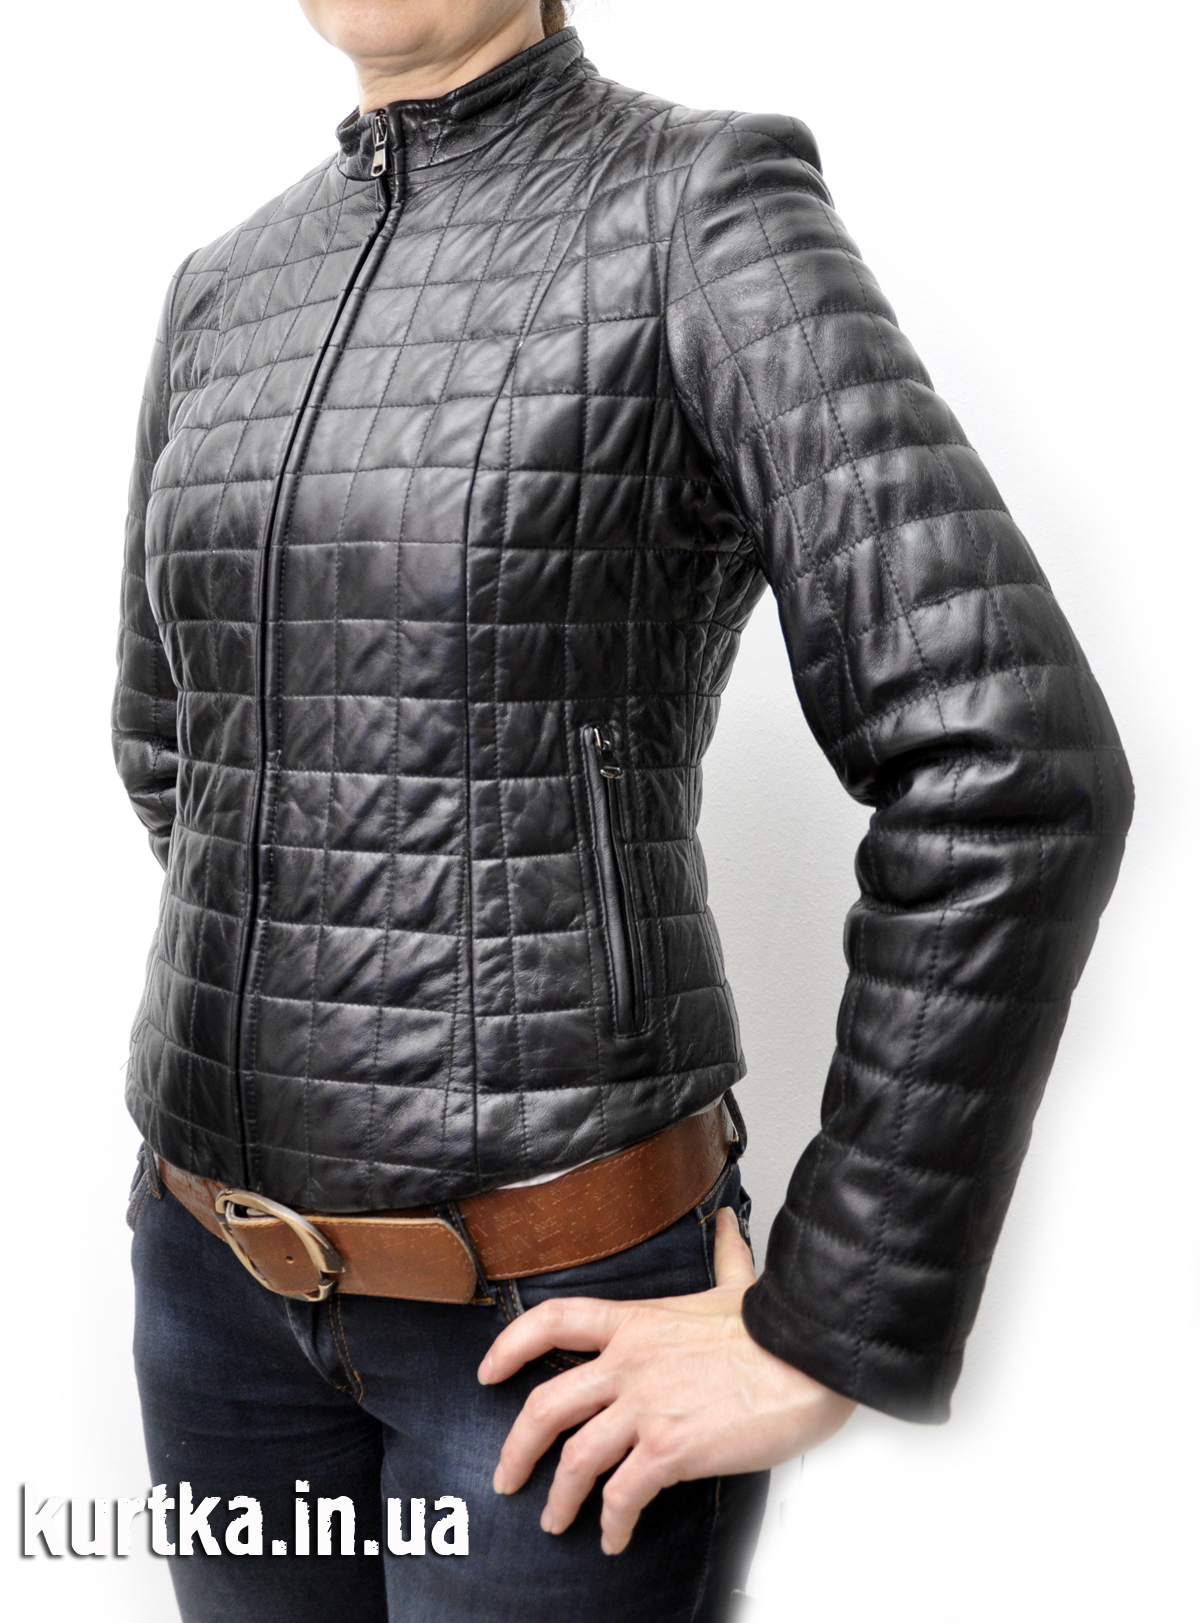 Куртка женская кожаная Kraken простроченная квадратиками корсет ... cd7c1f43adadb